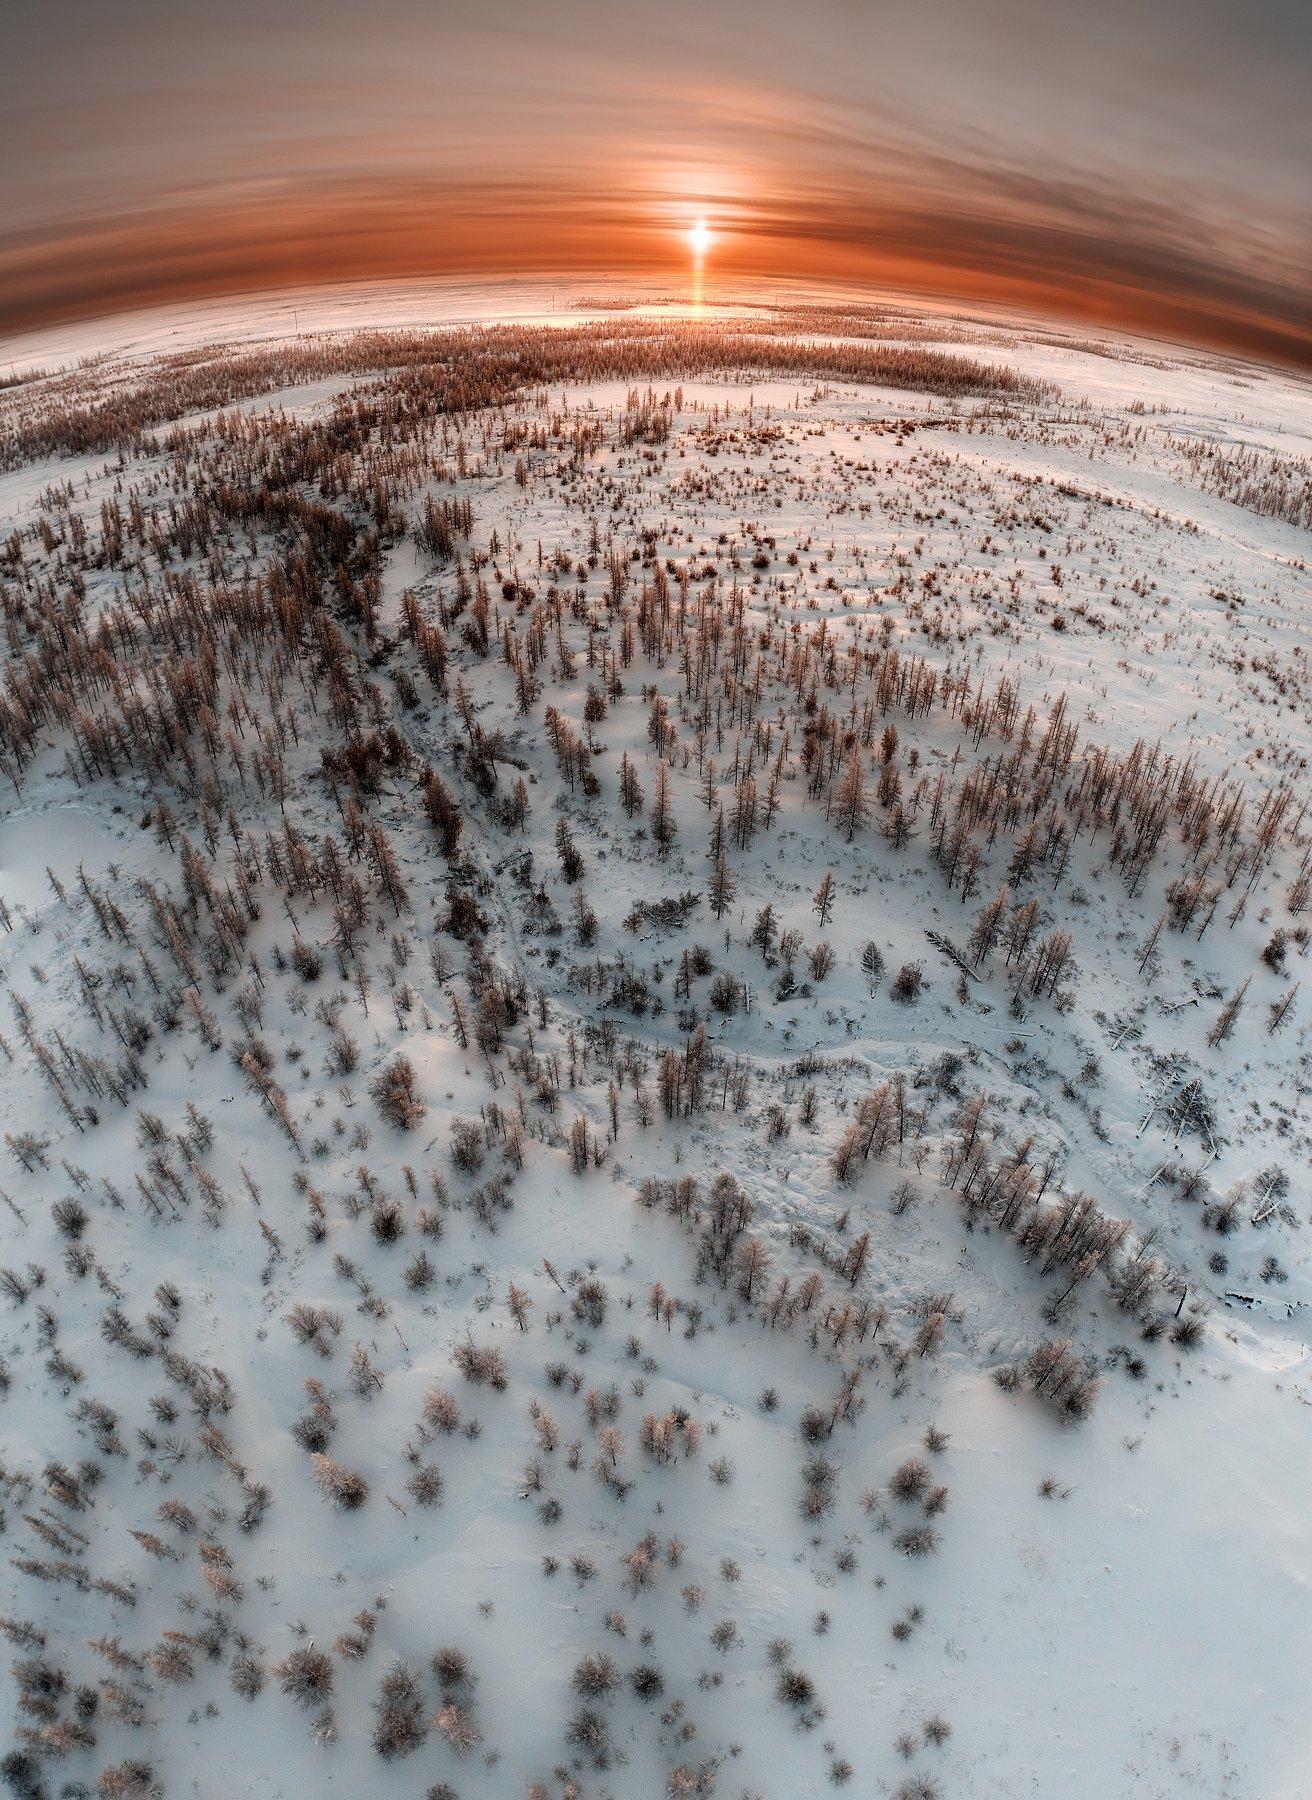 ямал, пейзаж, закат, дрон, phantom, земля, новыйуренгой, уренгой, тундра, россия, Камиль Нуреев